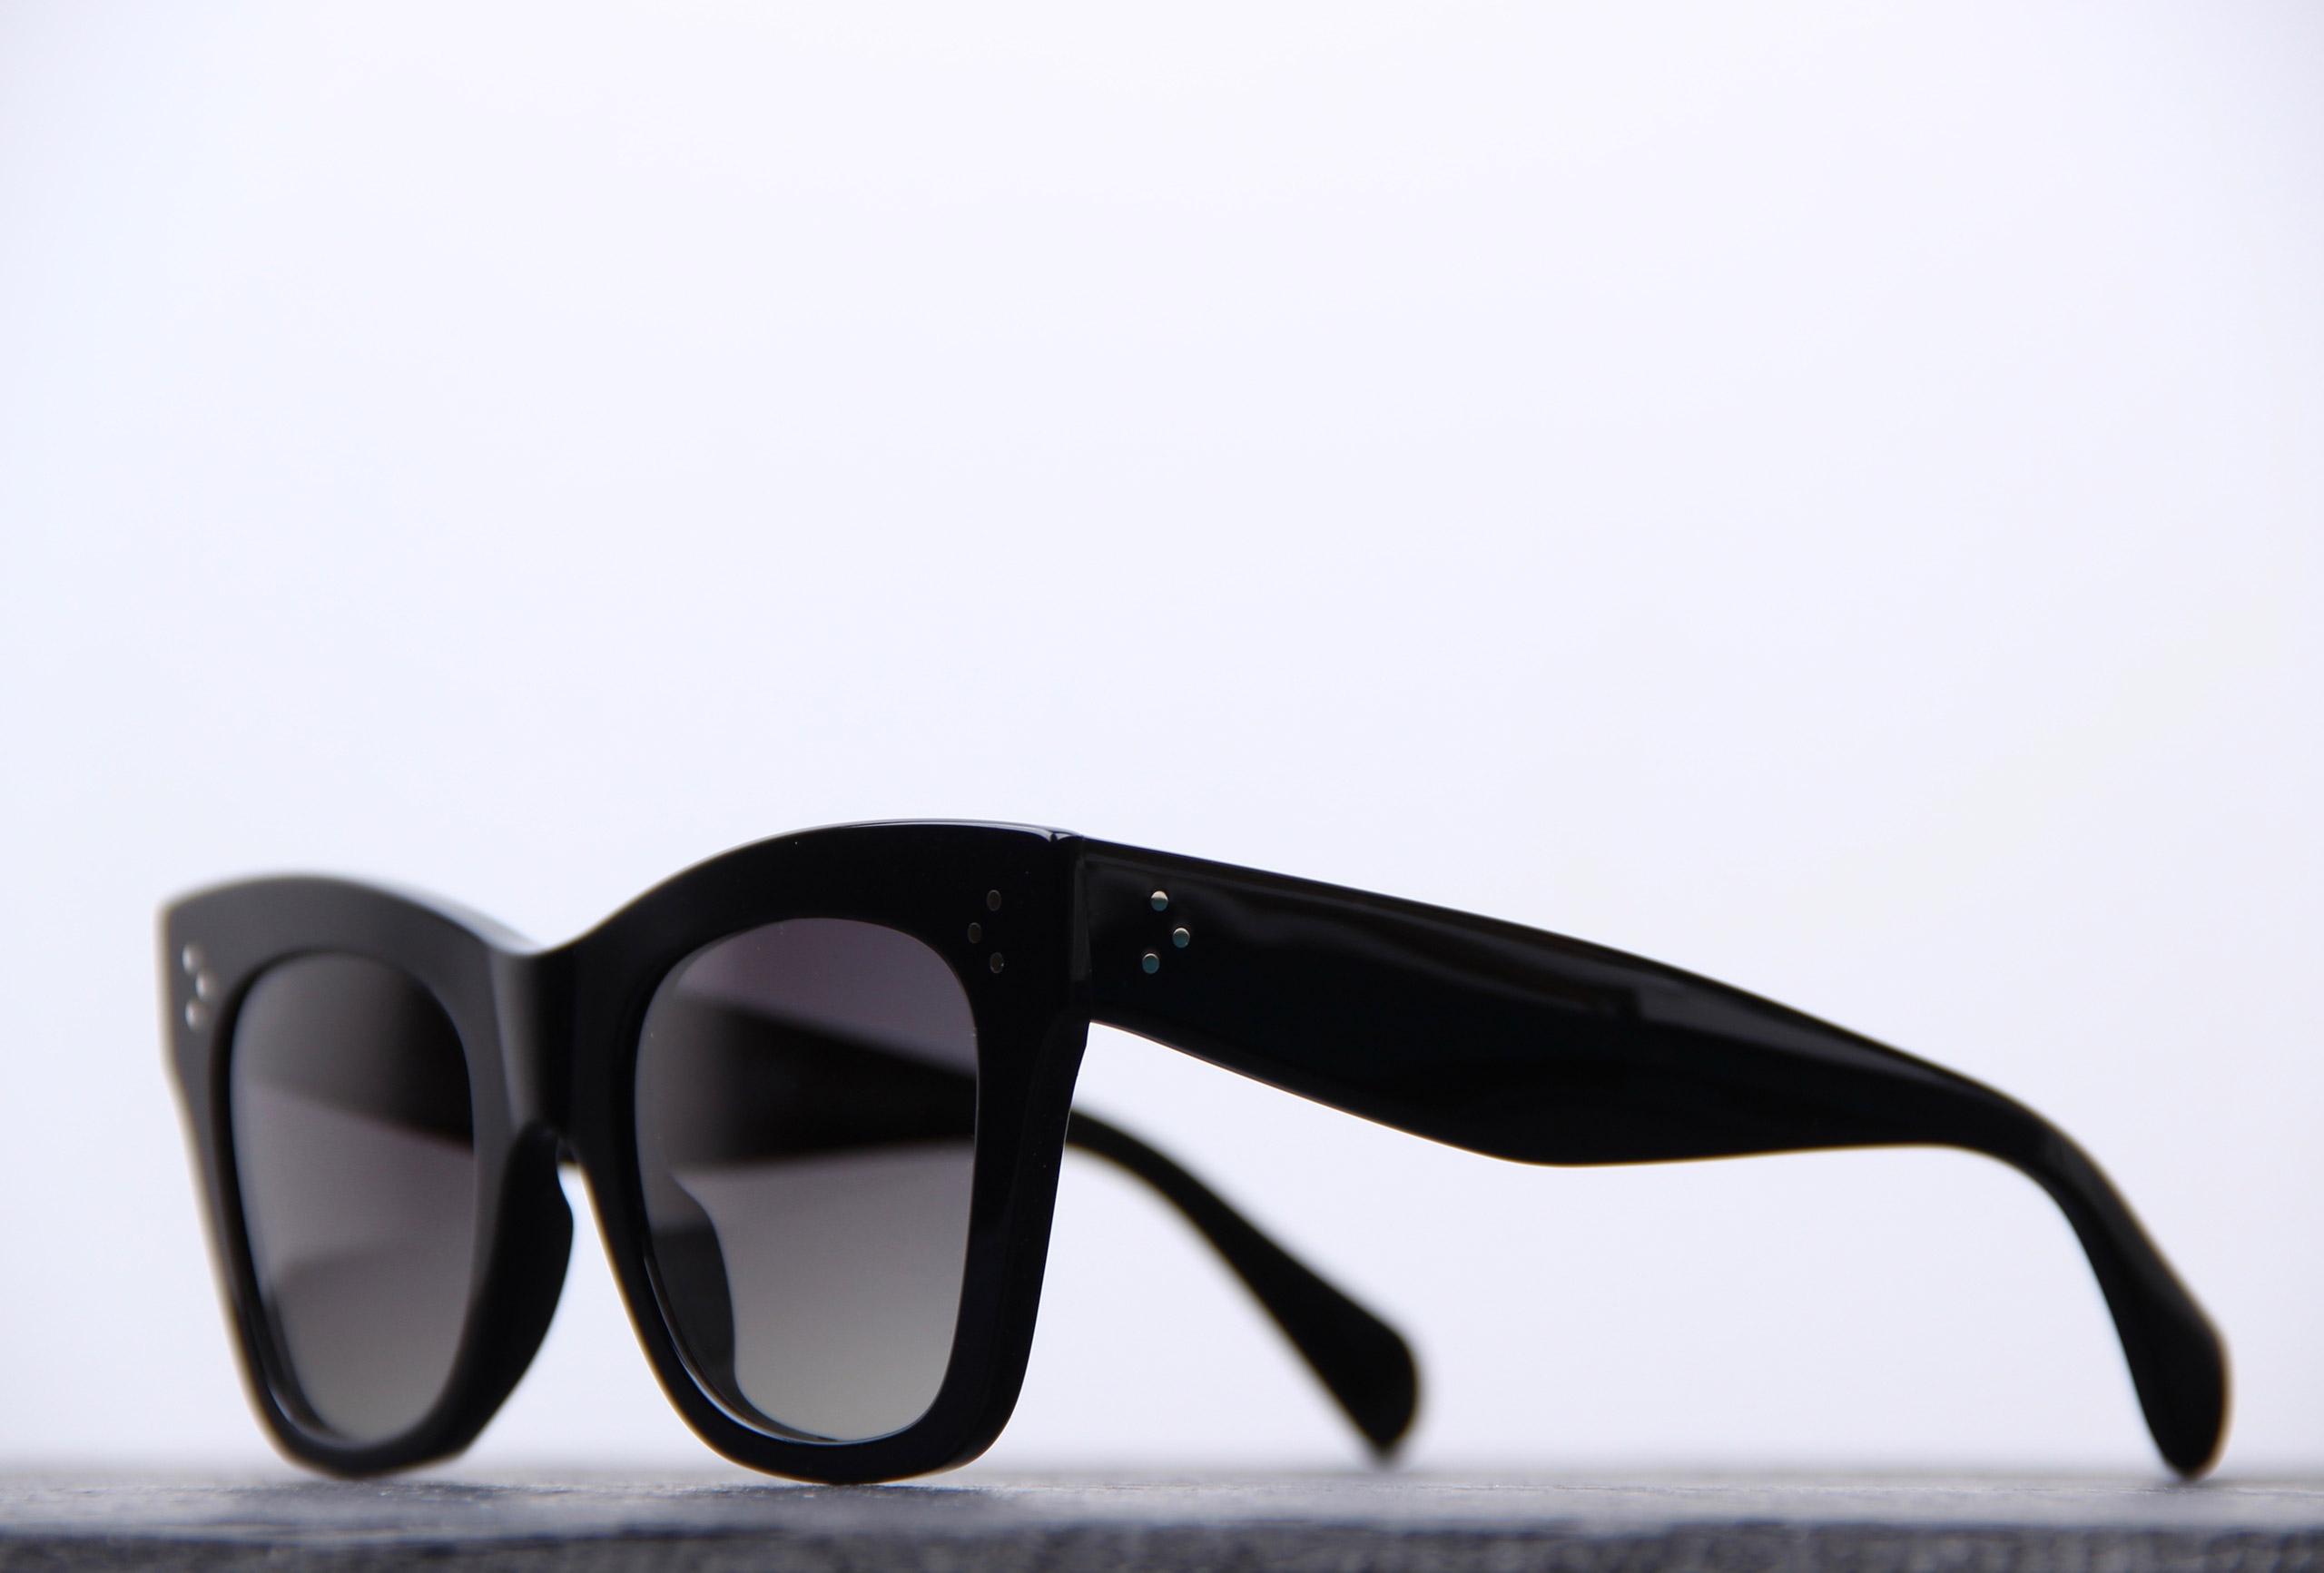 celine lunette solaire noir